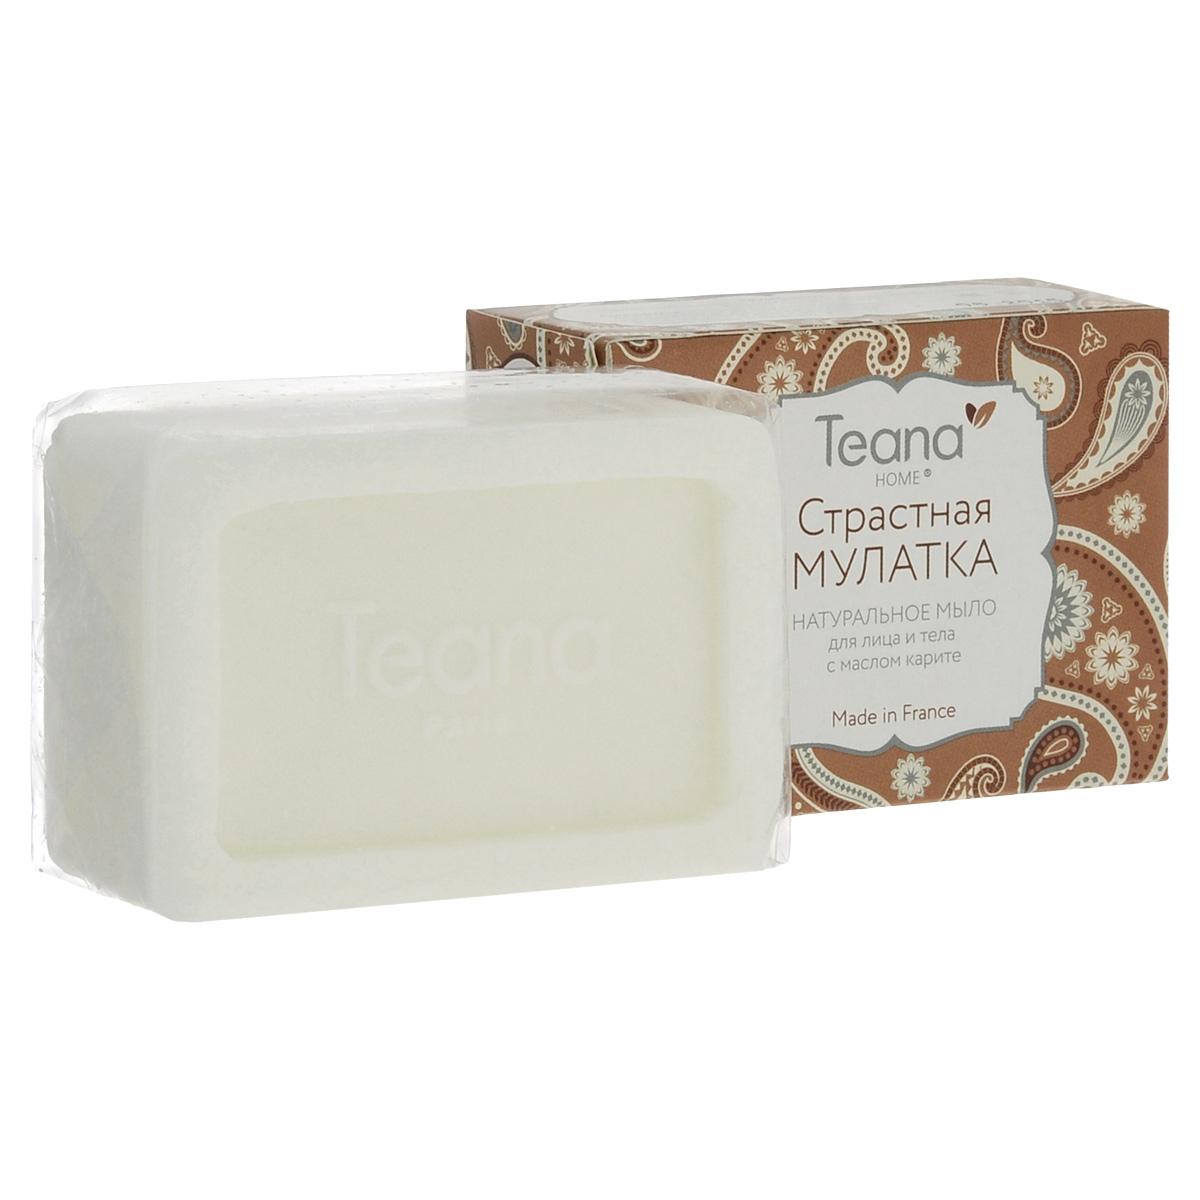 Teana Натуральное мыло для лица и тела Страстная мулатка, для сухой кожи, с маслом карите, 100 г120527086Натуральное мыло Teana с маслом карите необычайно нежное. Идеально для чувствительной кожи, склонной к сухости. Его природные компоненты активно смягчают, увлажняют, тонизируют, восстанавливают кожу и стимулируют выработку коллагена. Регулярное использование мыла подарит коже естественную красоту и здоровье. Уменьшается ощущение стянутости, повышается тонус и упругость кожи. Содержит олеиновую, стеариновую и пальмовые кислоты, витамины A, D, E, F. Товар сертифицирован.